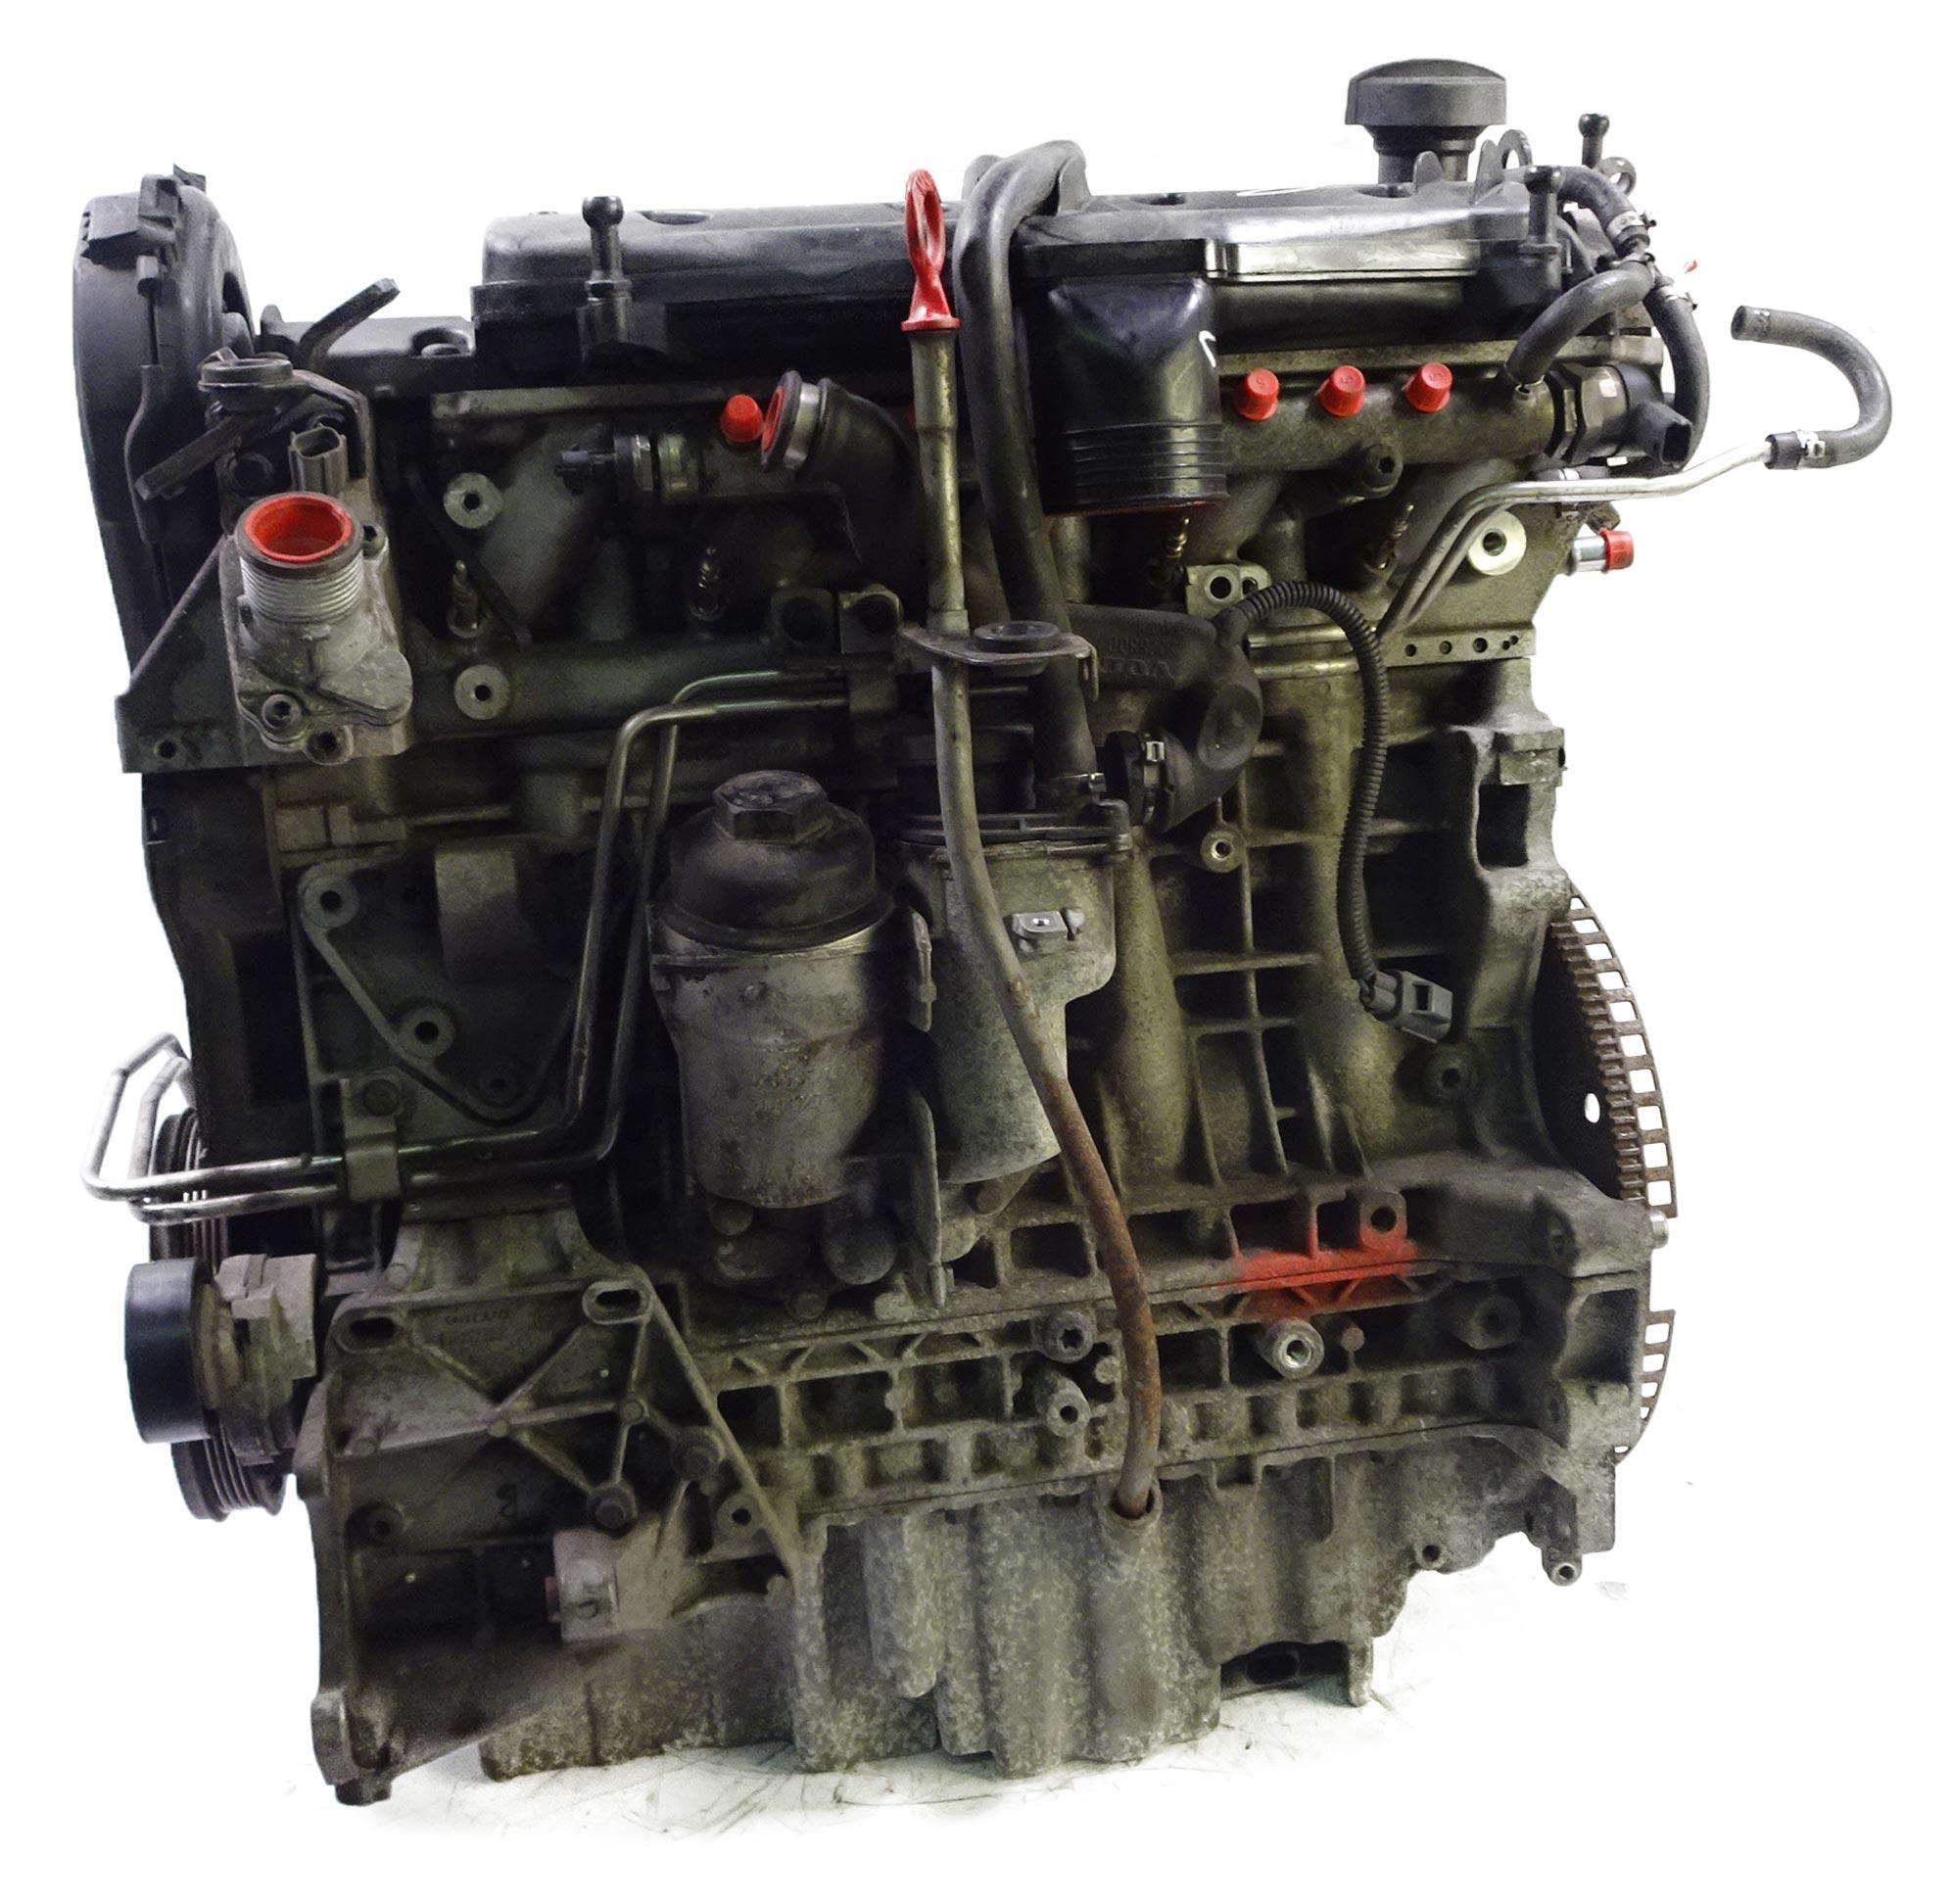 Motor 2007 Volvo 2,4 D5 Diesel D5244T4 185 PS 136 KW